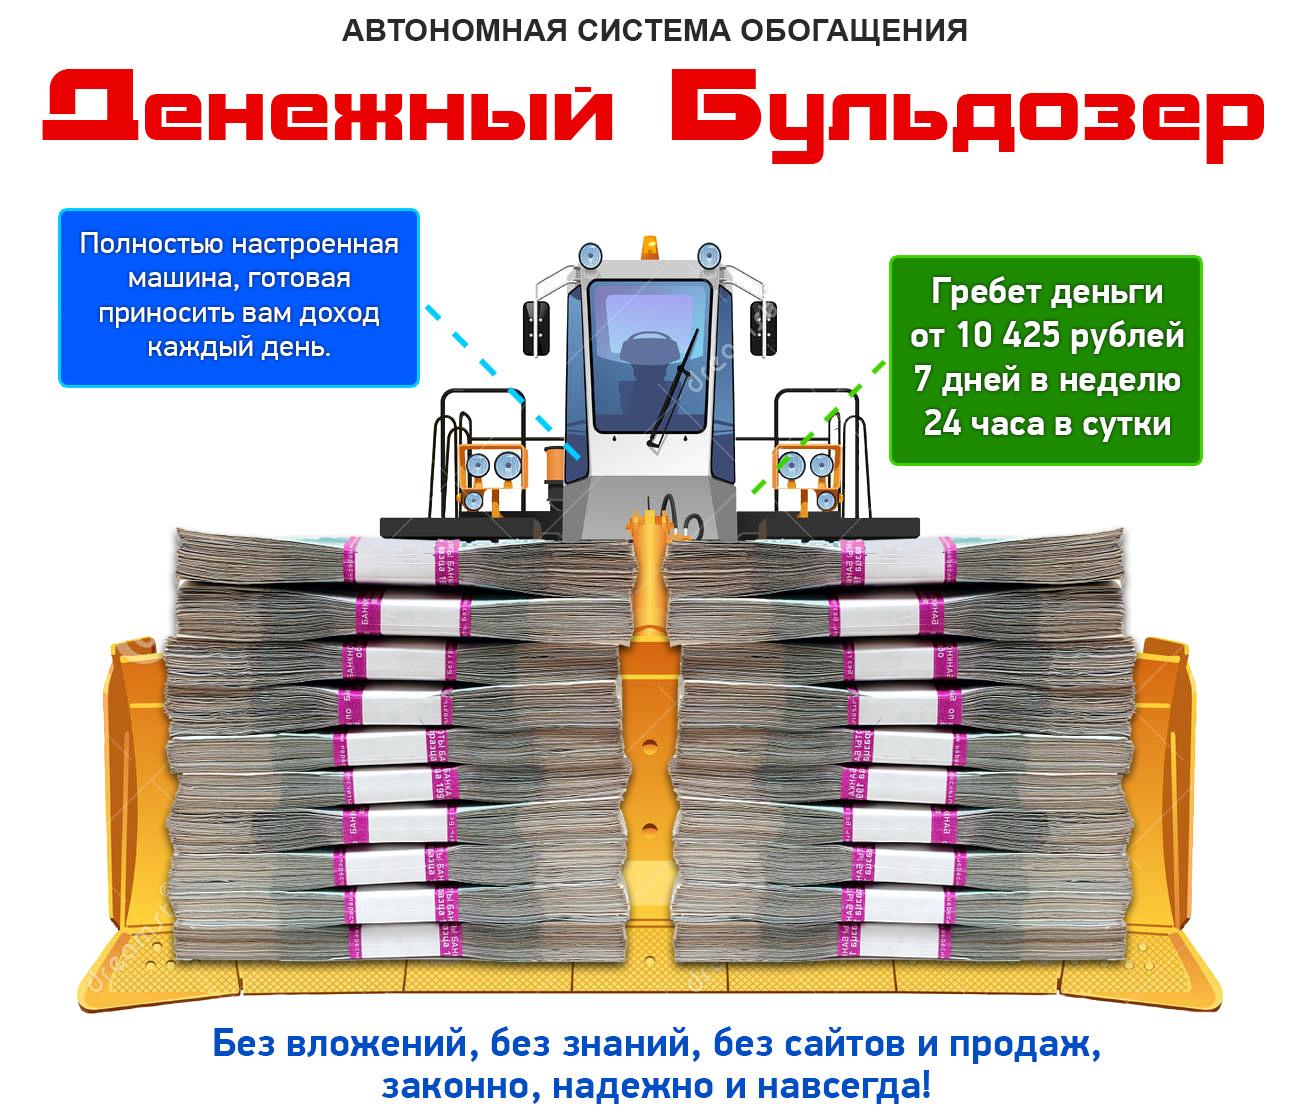 http://u1.platformalp.ru/39871d0cee6ab3debf7e05cd7a6d5cf4/92f4a75f3d3b17c21fed29db11815724.jpg